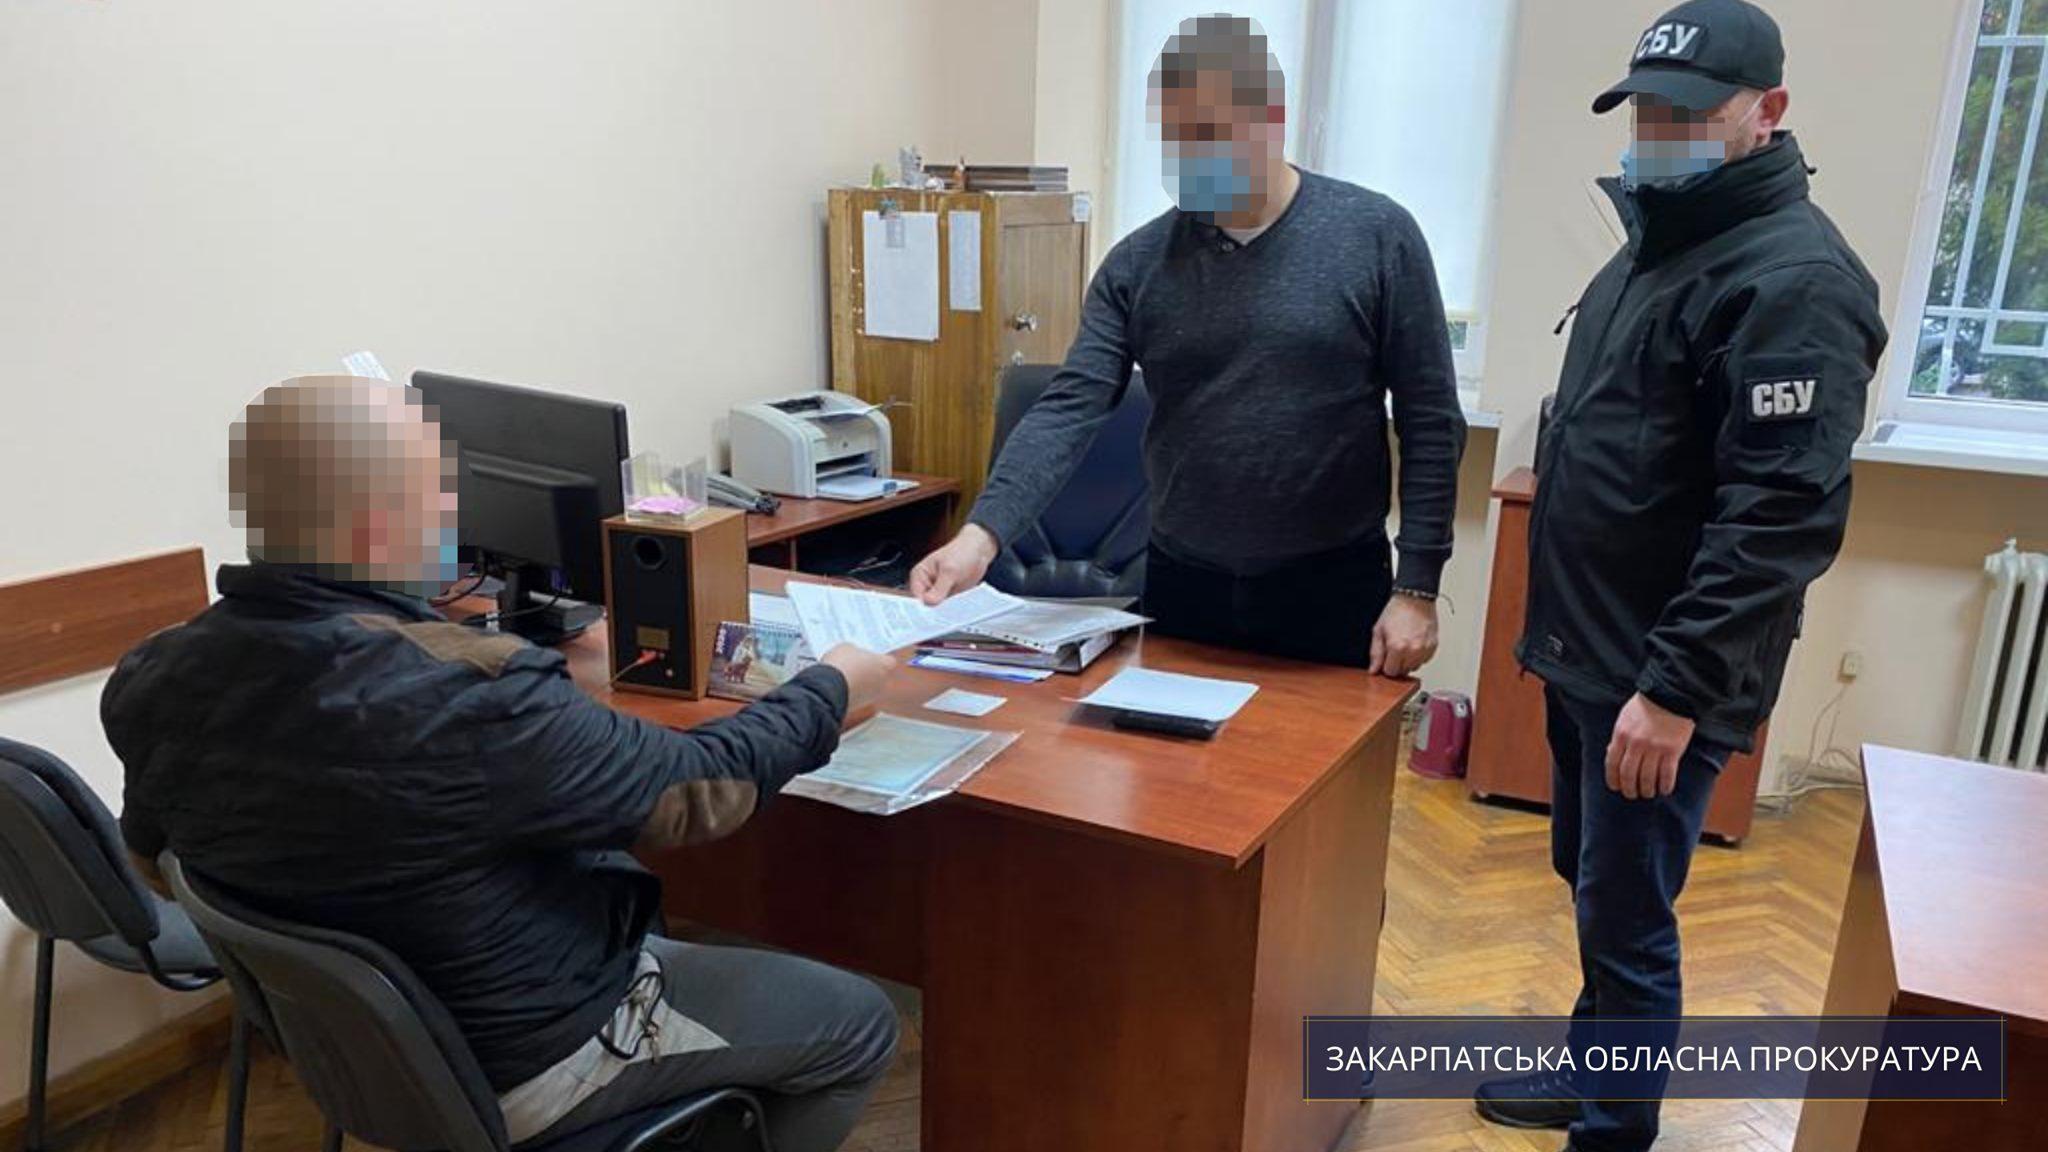 Закарпатская областная прокуратура доказала вину 38-летнего закакарпатского мужчины в невменяемости территориальной целостности и неприкосновенности Украины (часть 1 статьи 110 Уголовного кодекса Украины).